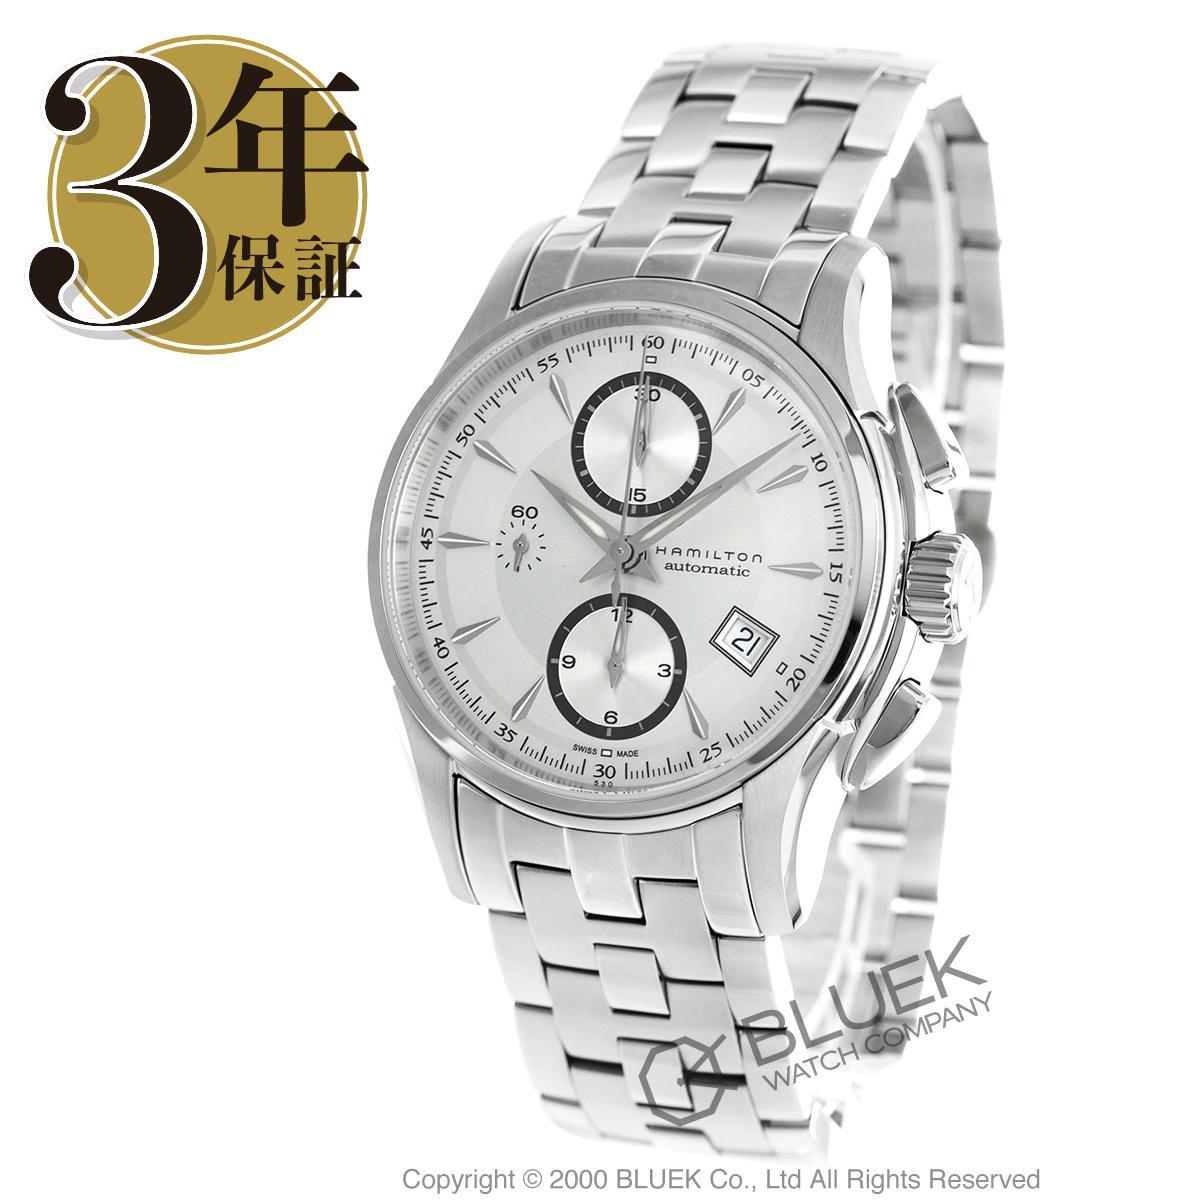 ハミルトン ジャズマスター オート クロノ クロノグラフ 腕時計 メンズ HAMILTON H32616153_8 バーゲン 成人祝い ギフト プレゼント